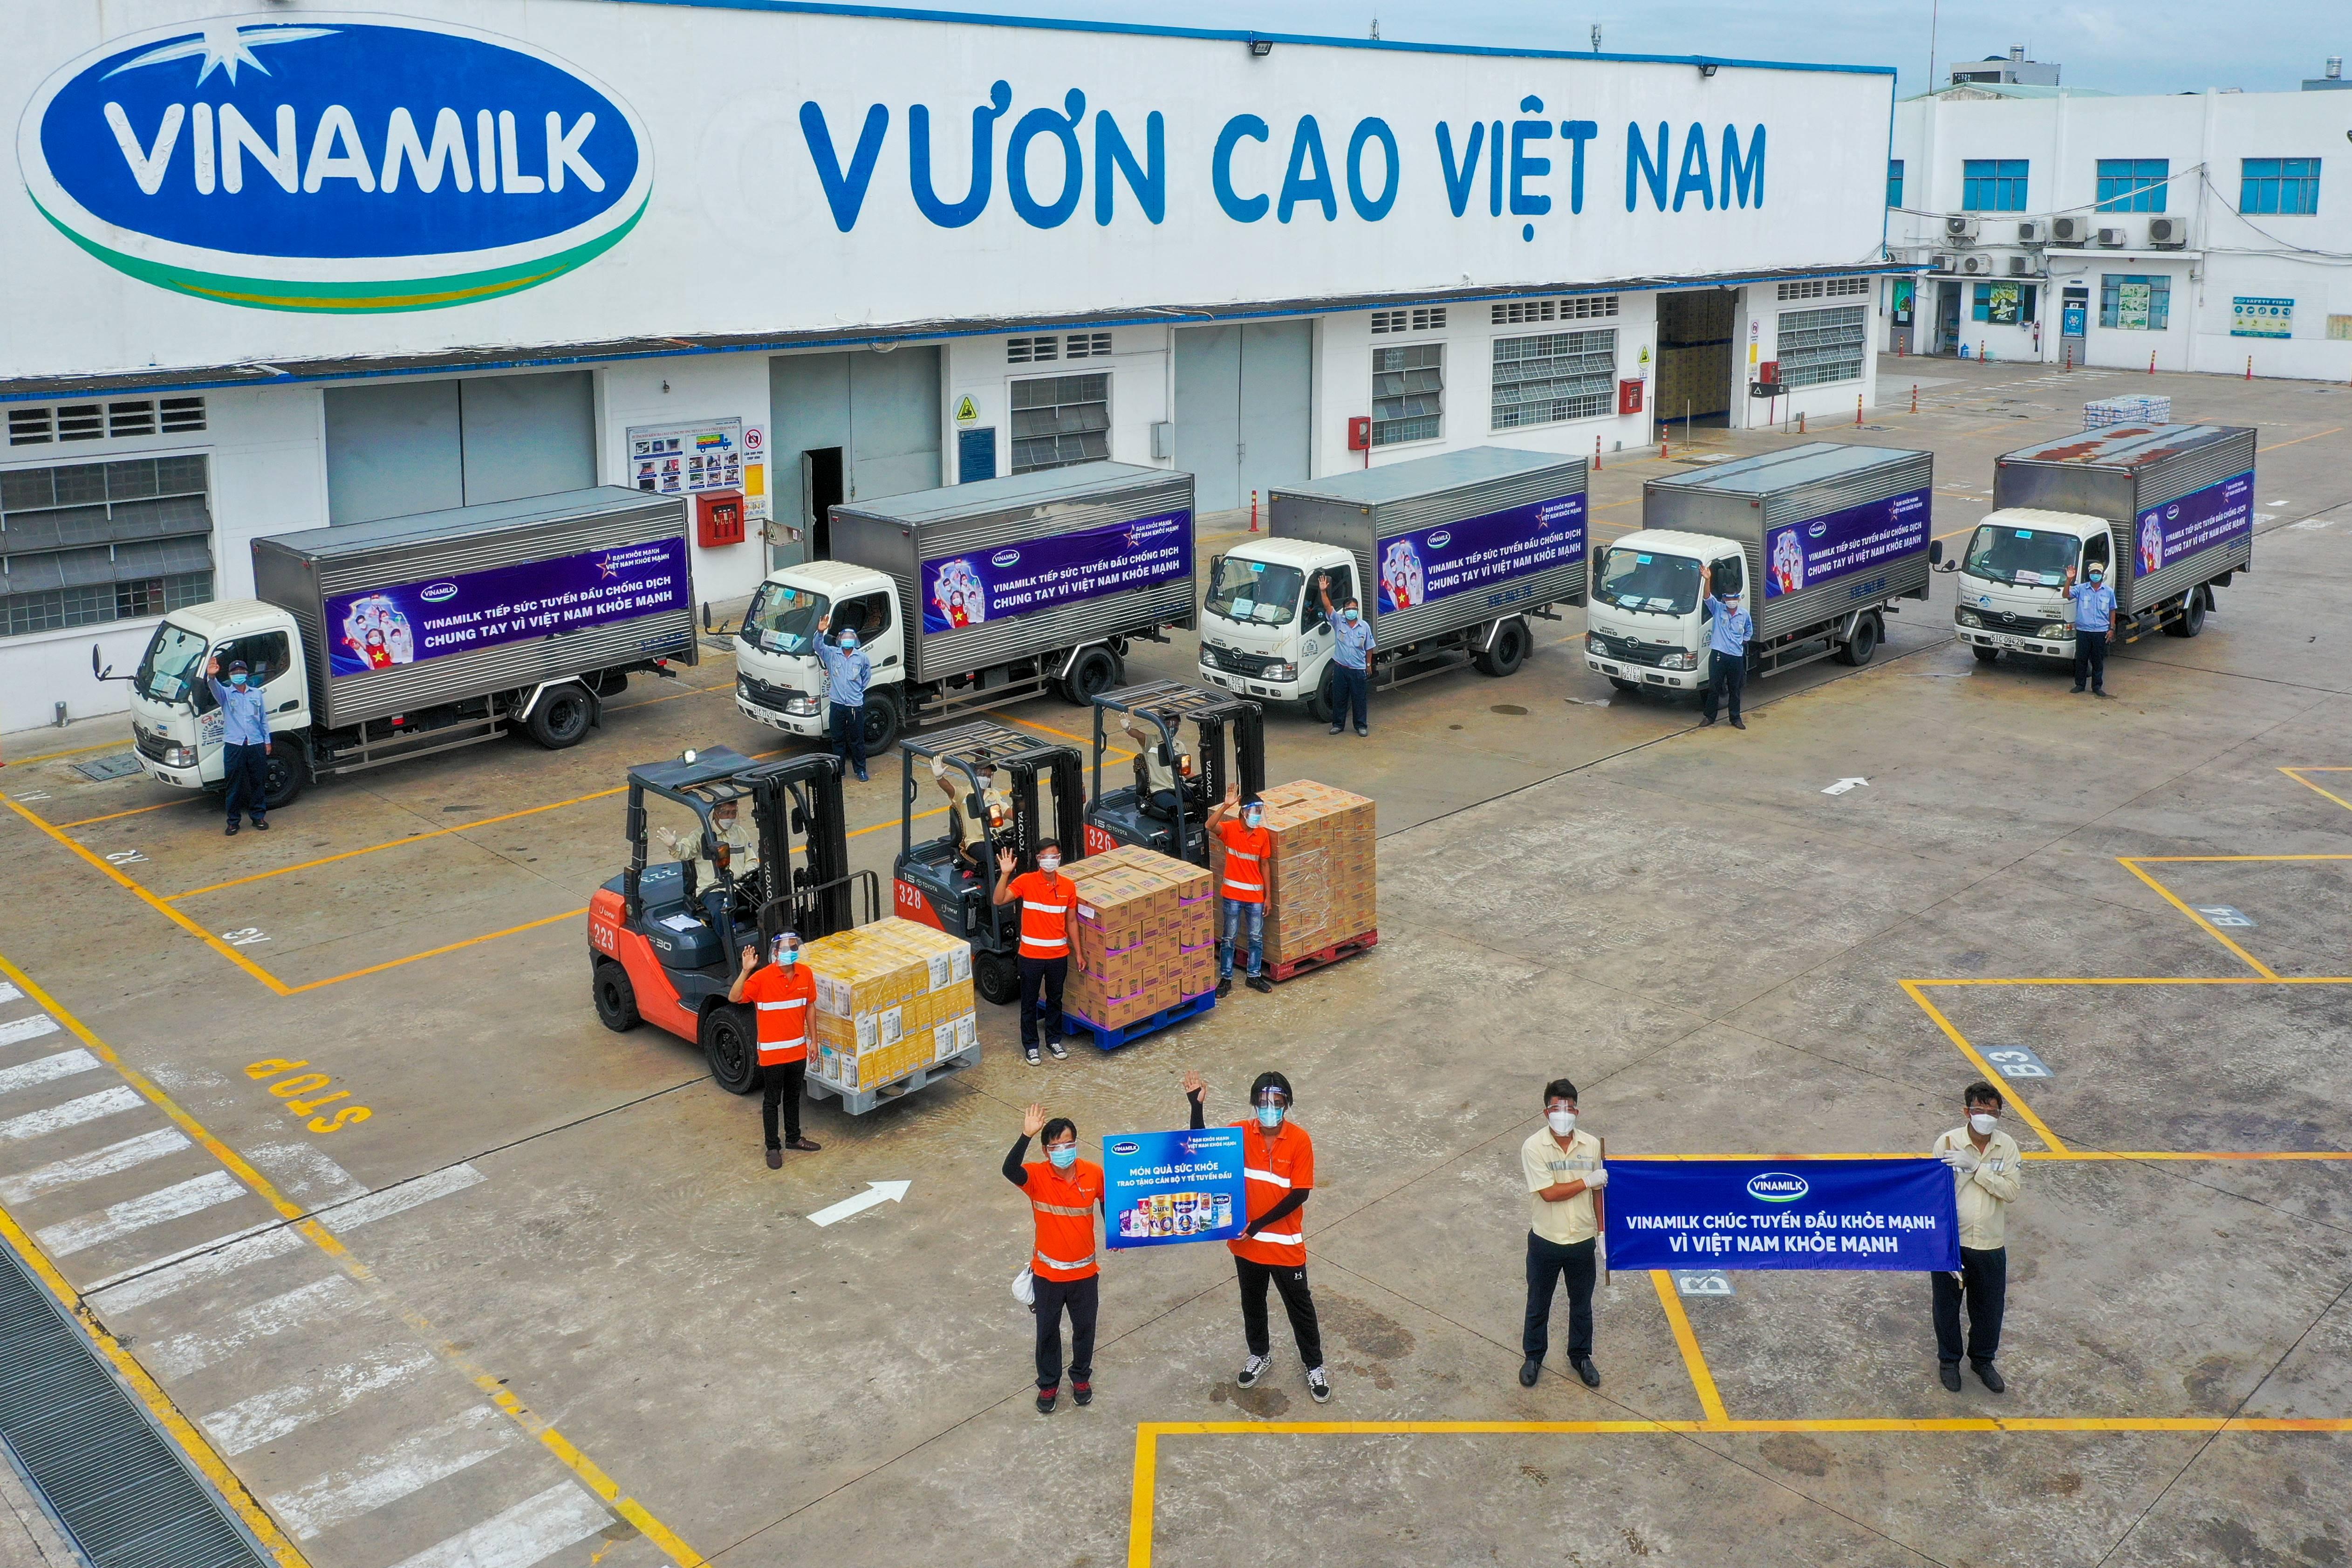 """Các chuyến xe với lời chúc """"Tuyến đầu khỏe mạnh, vì Việt Nam khỏe mạnh"""" của Vinamilk mang theo món quà sức khỏe đến với tuyến đầu"""